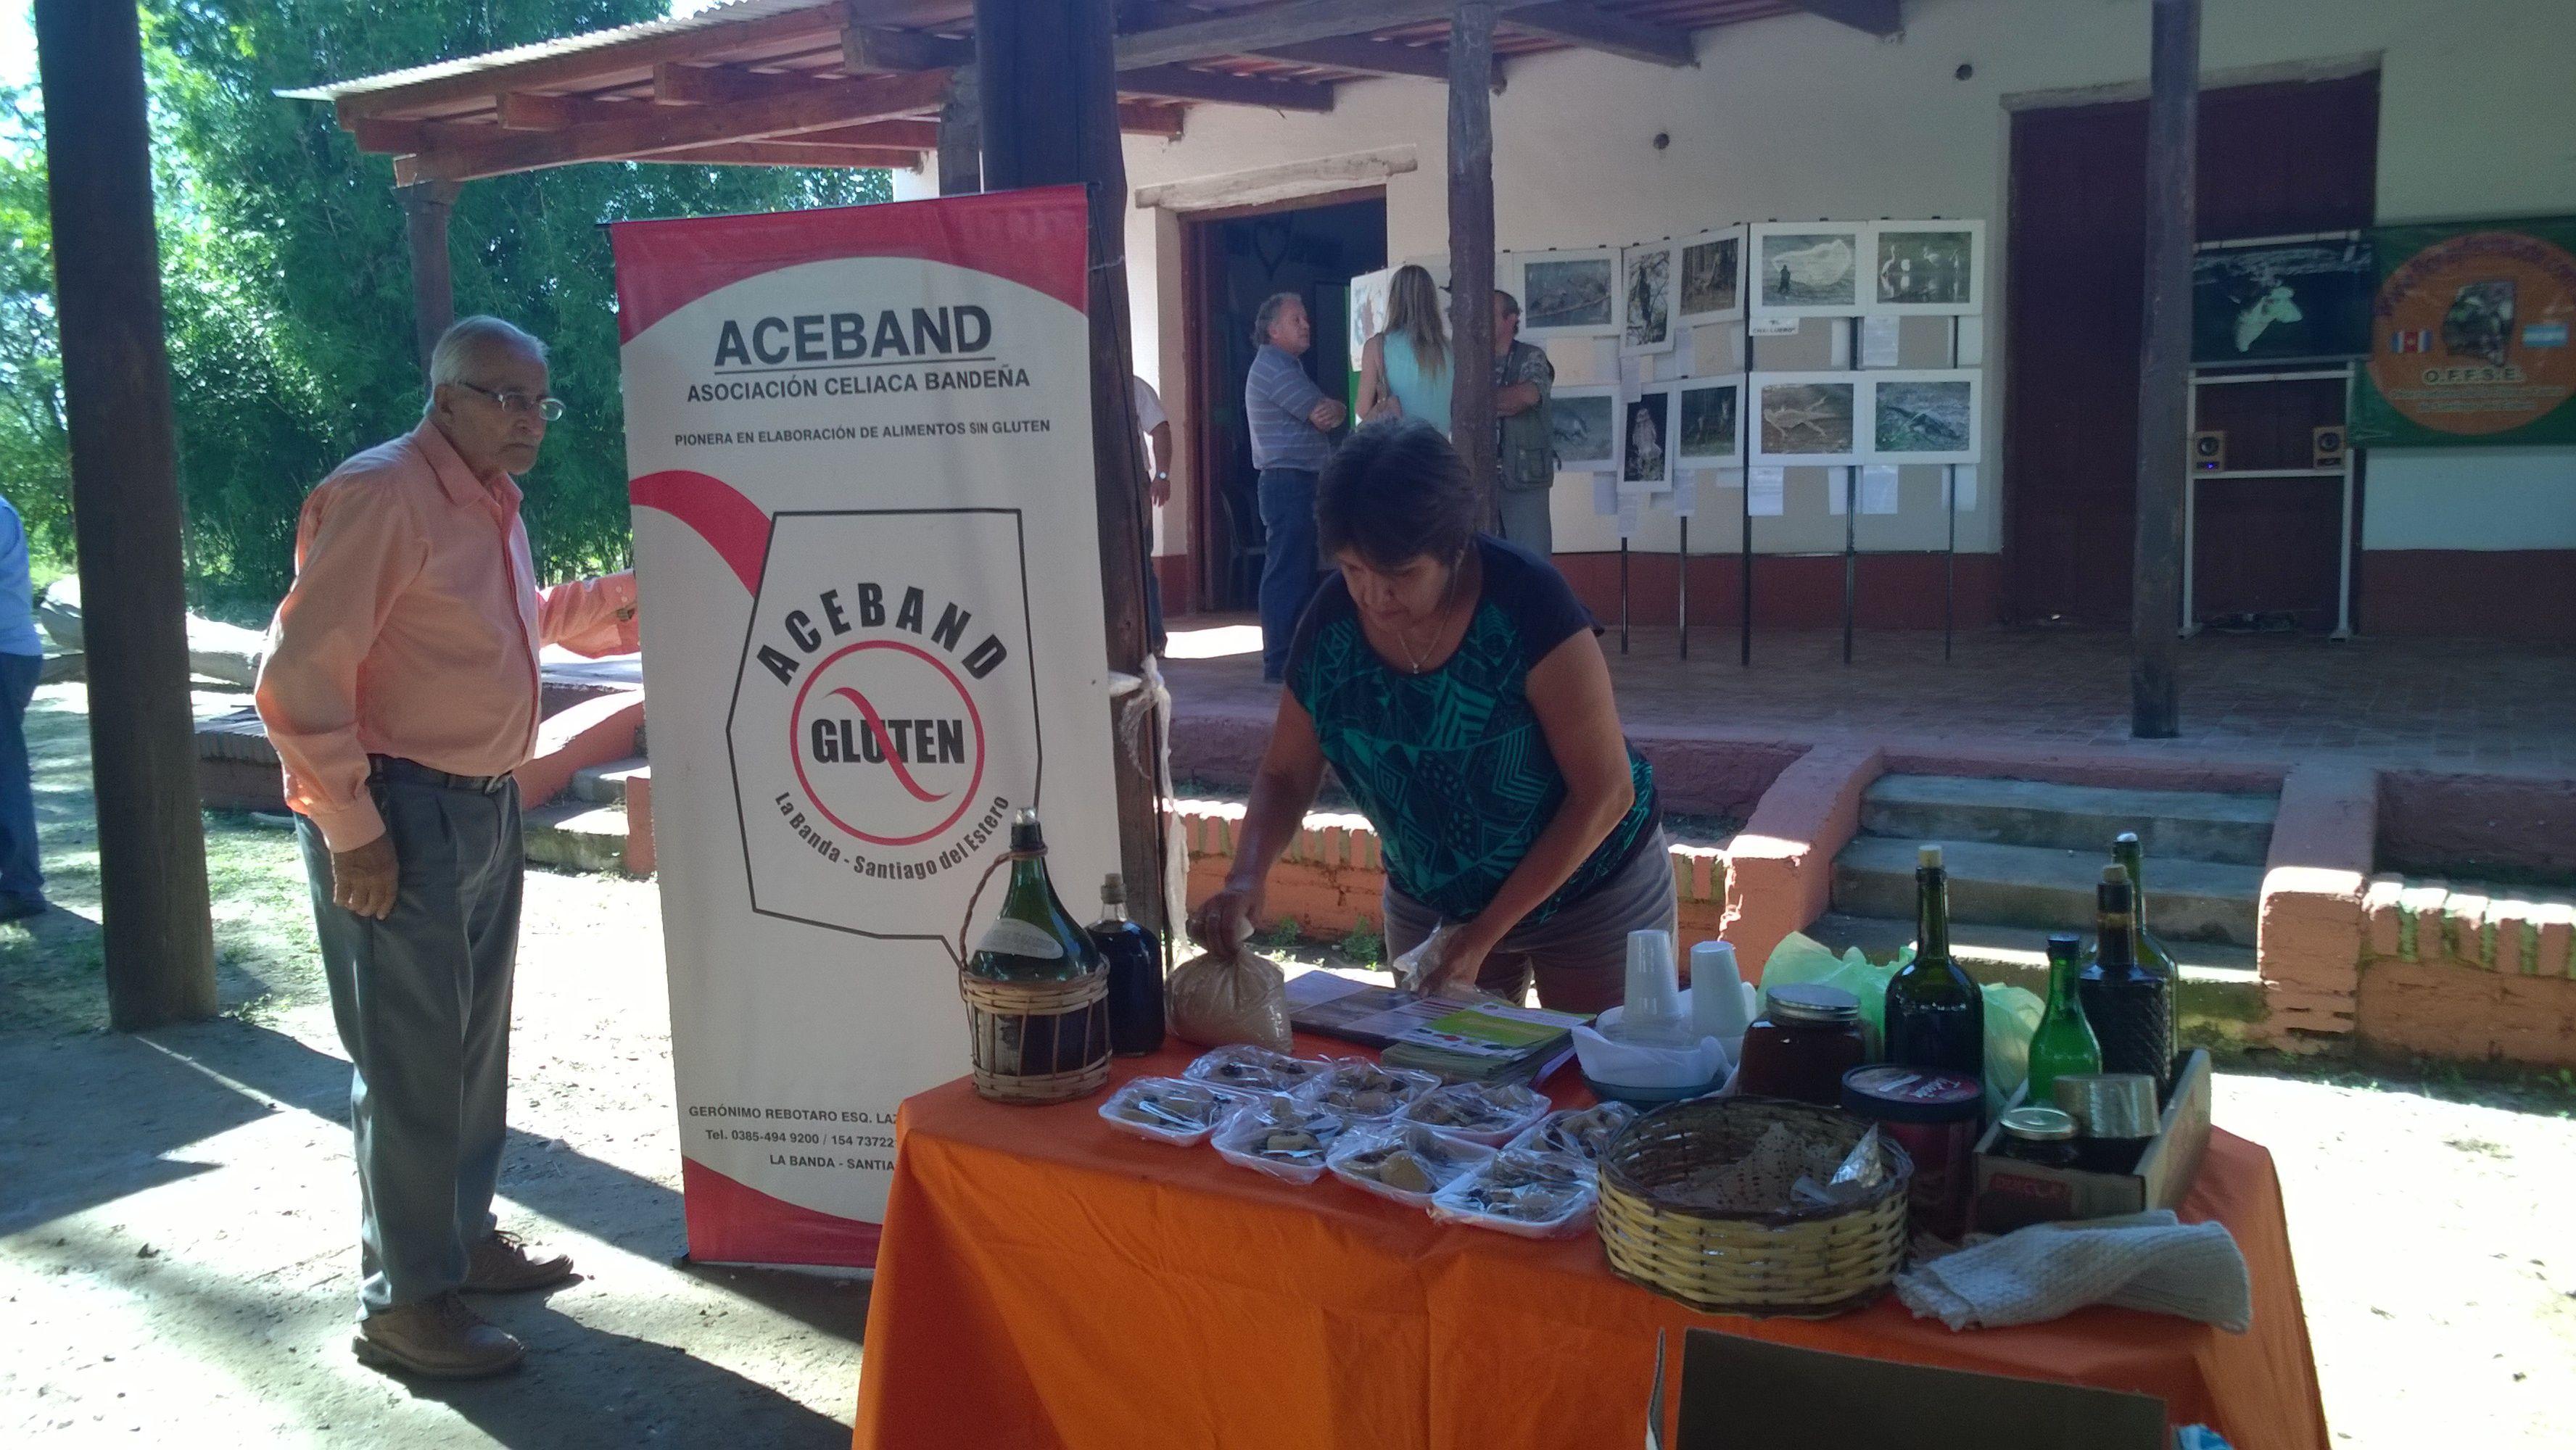 ACEBAND:  asociación celiaca bandeña . presente en el 2° Congreso de Turismo Rural  en Vinará - Santiago del Estero - #TafiTravel